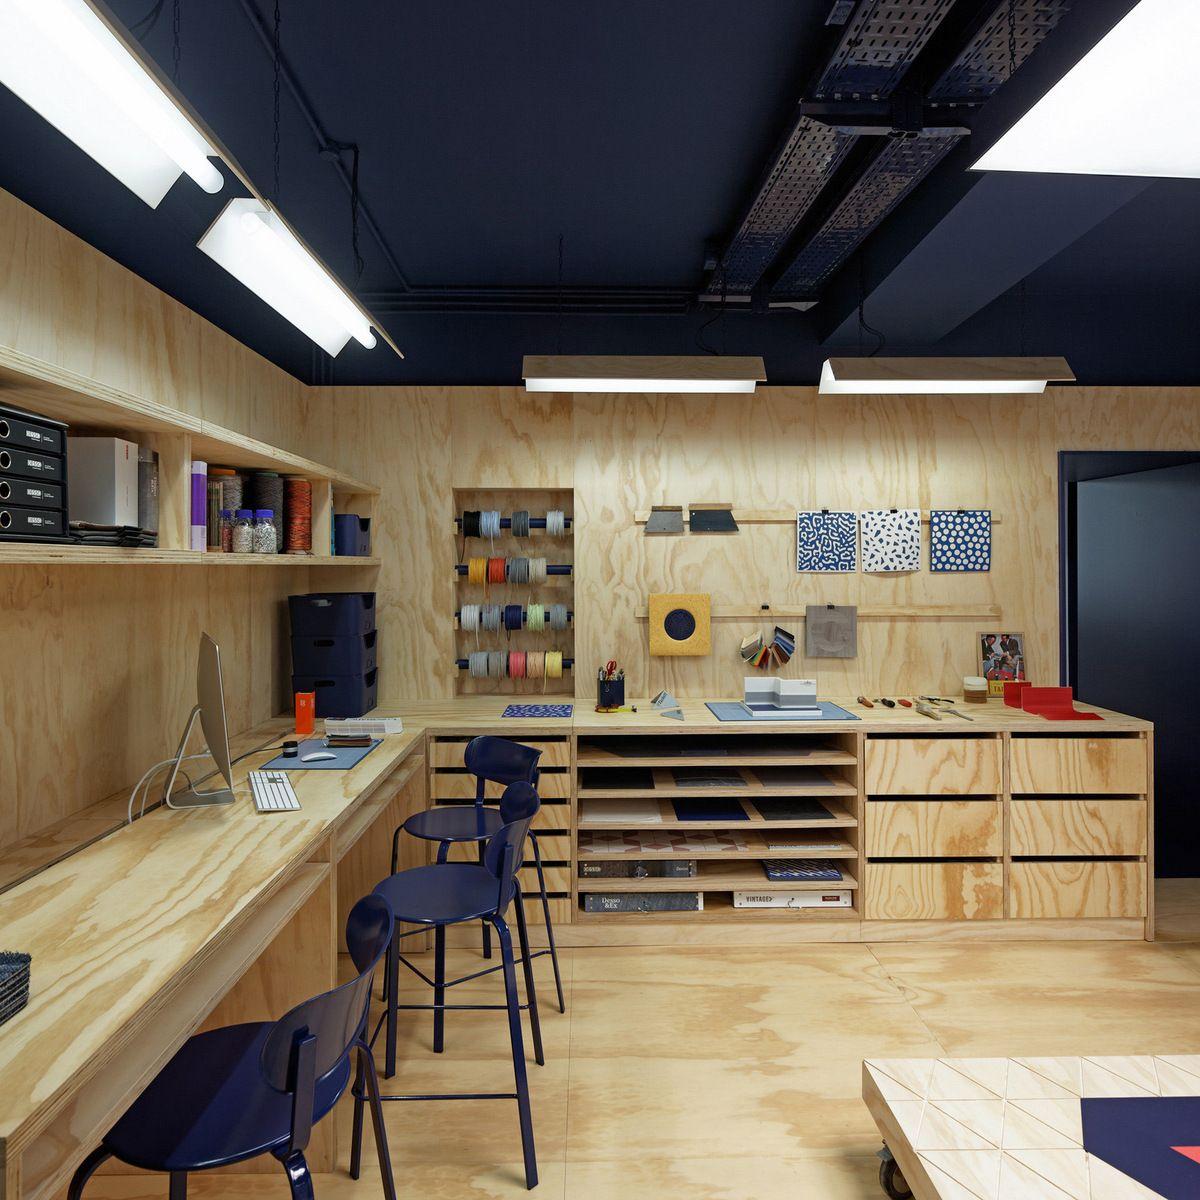 atelier-tarkett-offices-paris-5.5-designstudio-8